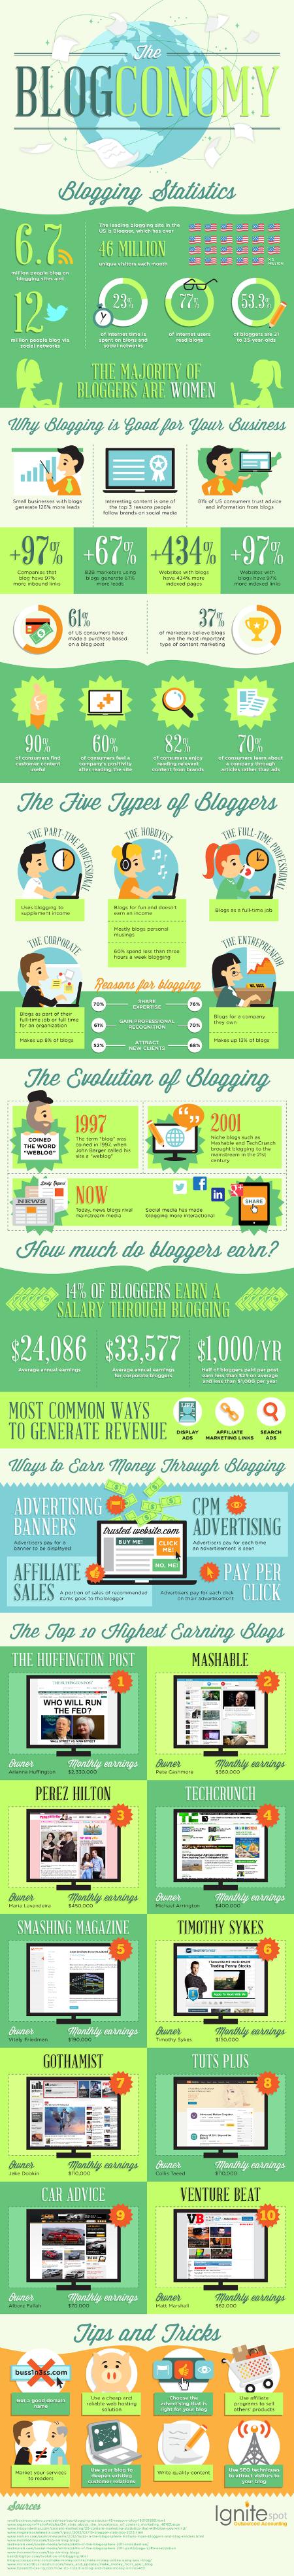 Blogging for Franchises